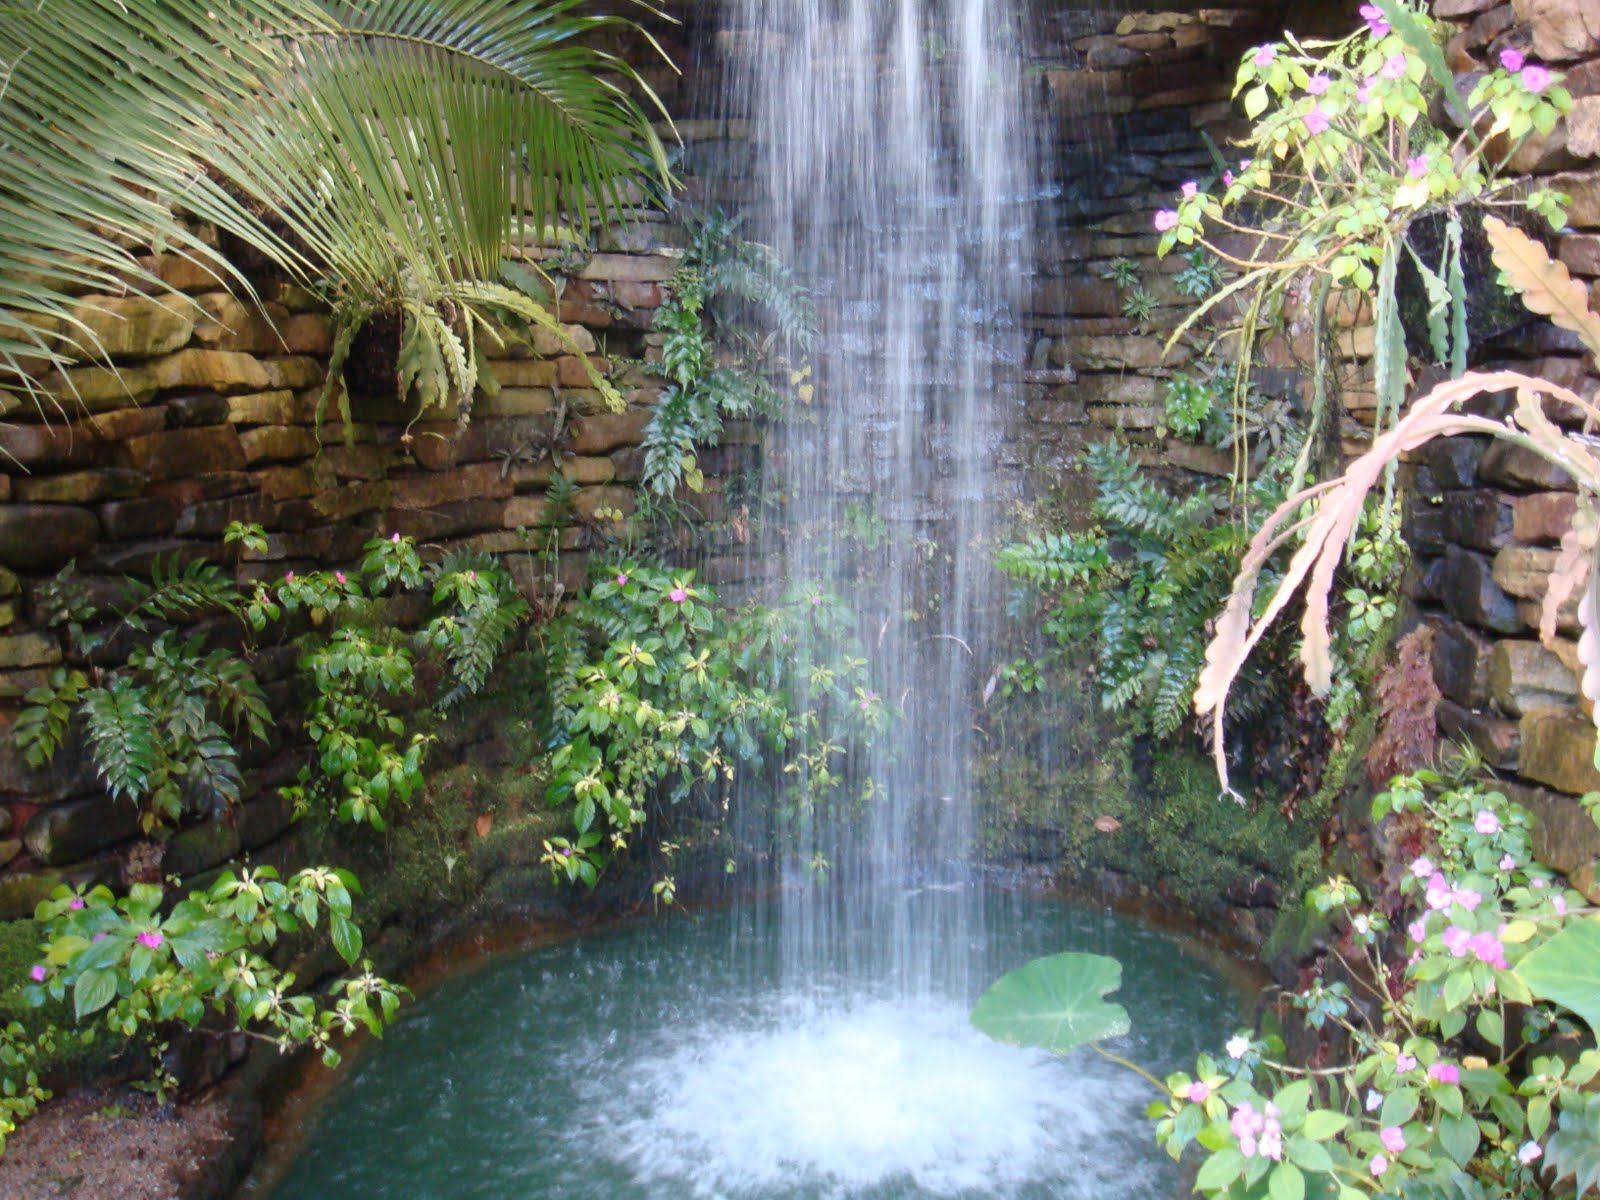 Little pitbull garden callaway gardens pine mountain ga - Callaway gardens pine mountain georgia ...